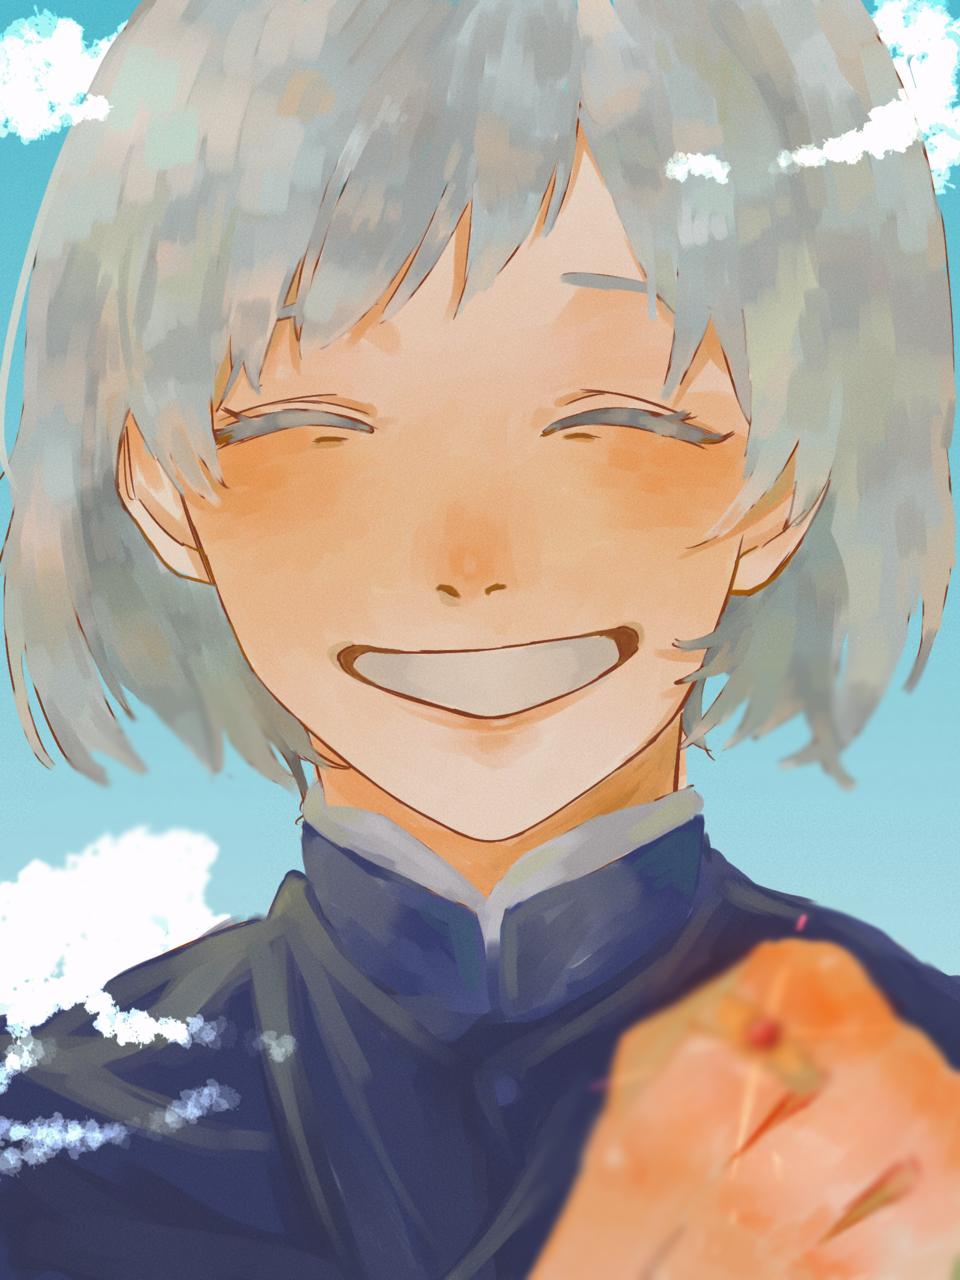 ソフィ Illust of 喜怒哀楽 impasto girl HowlsMovingCastle キラキラ illustration 描いてみた ソフィ smile